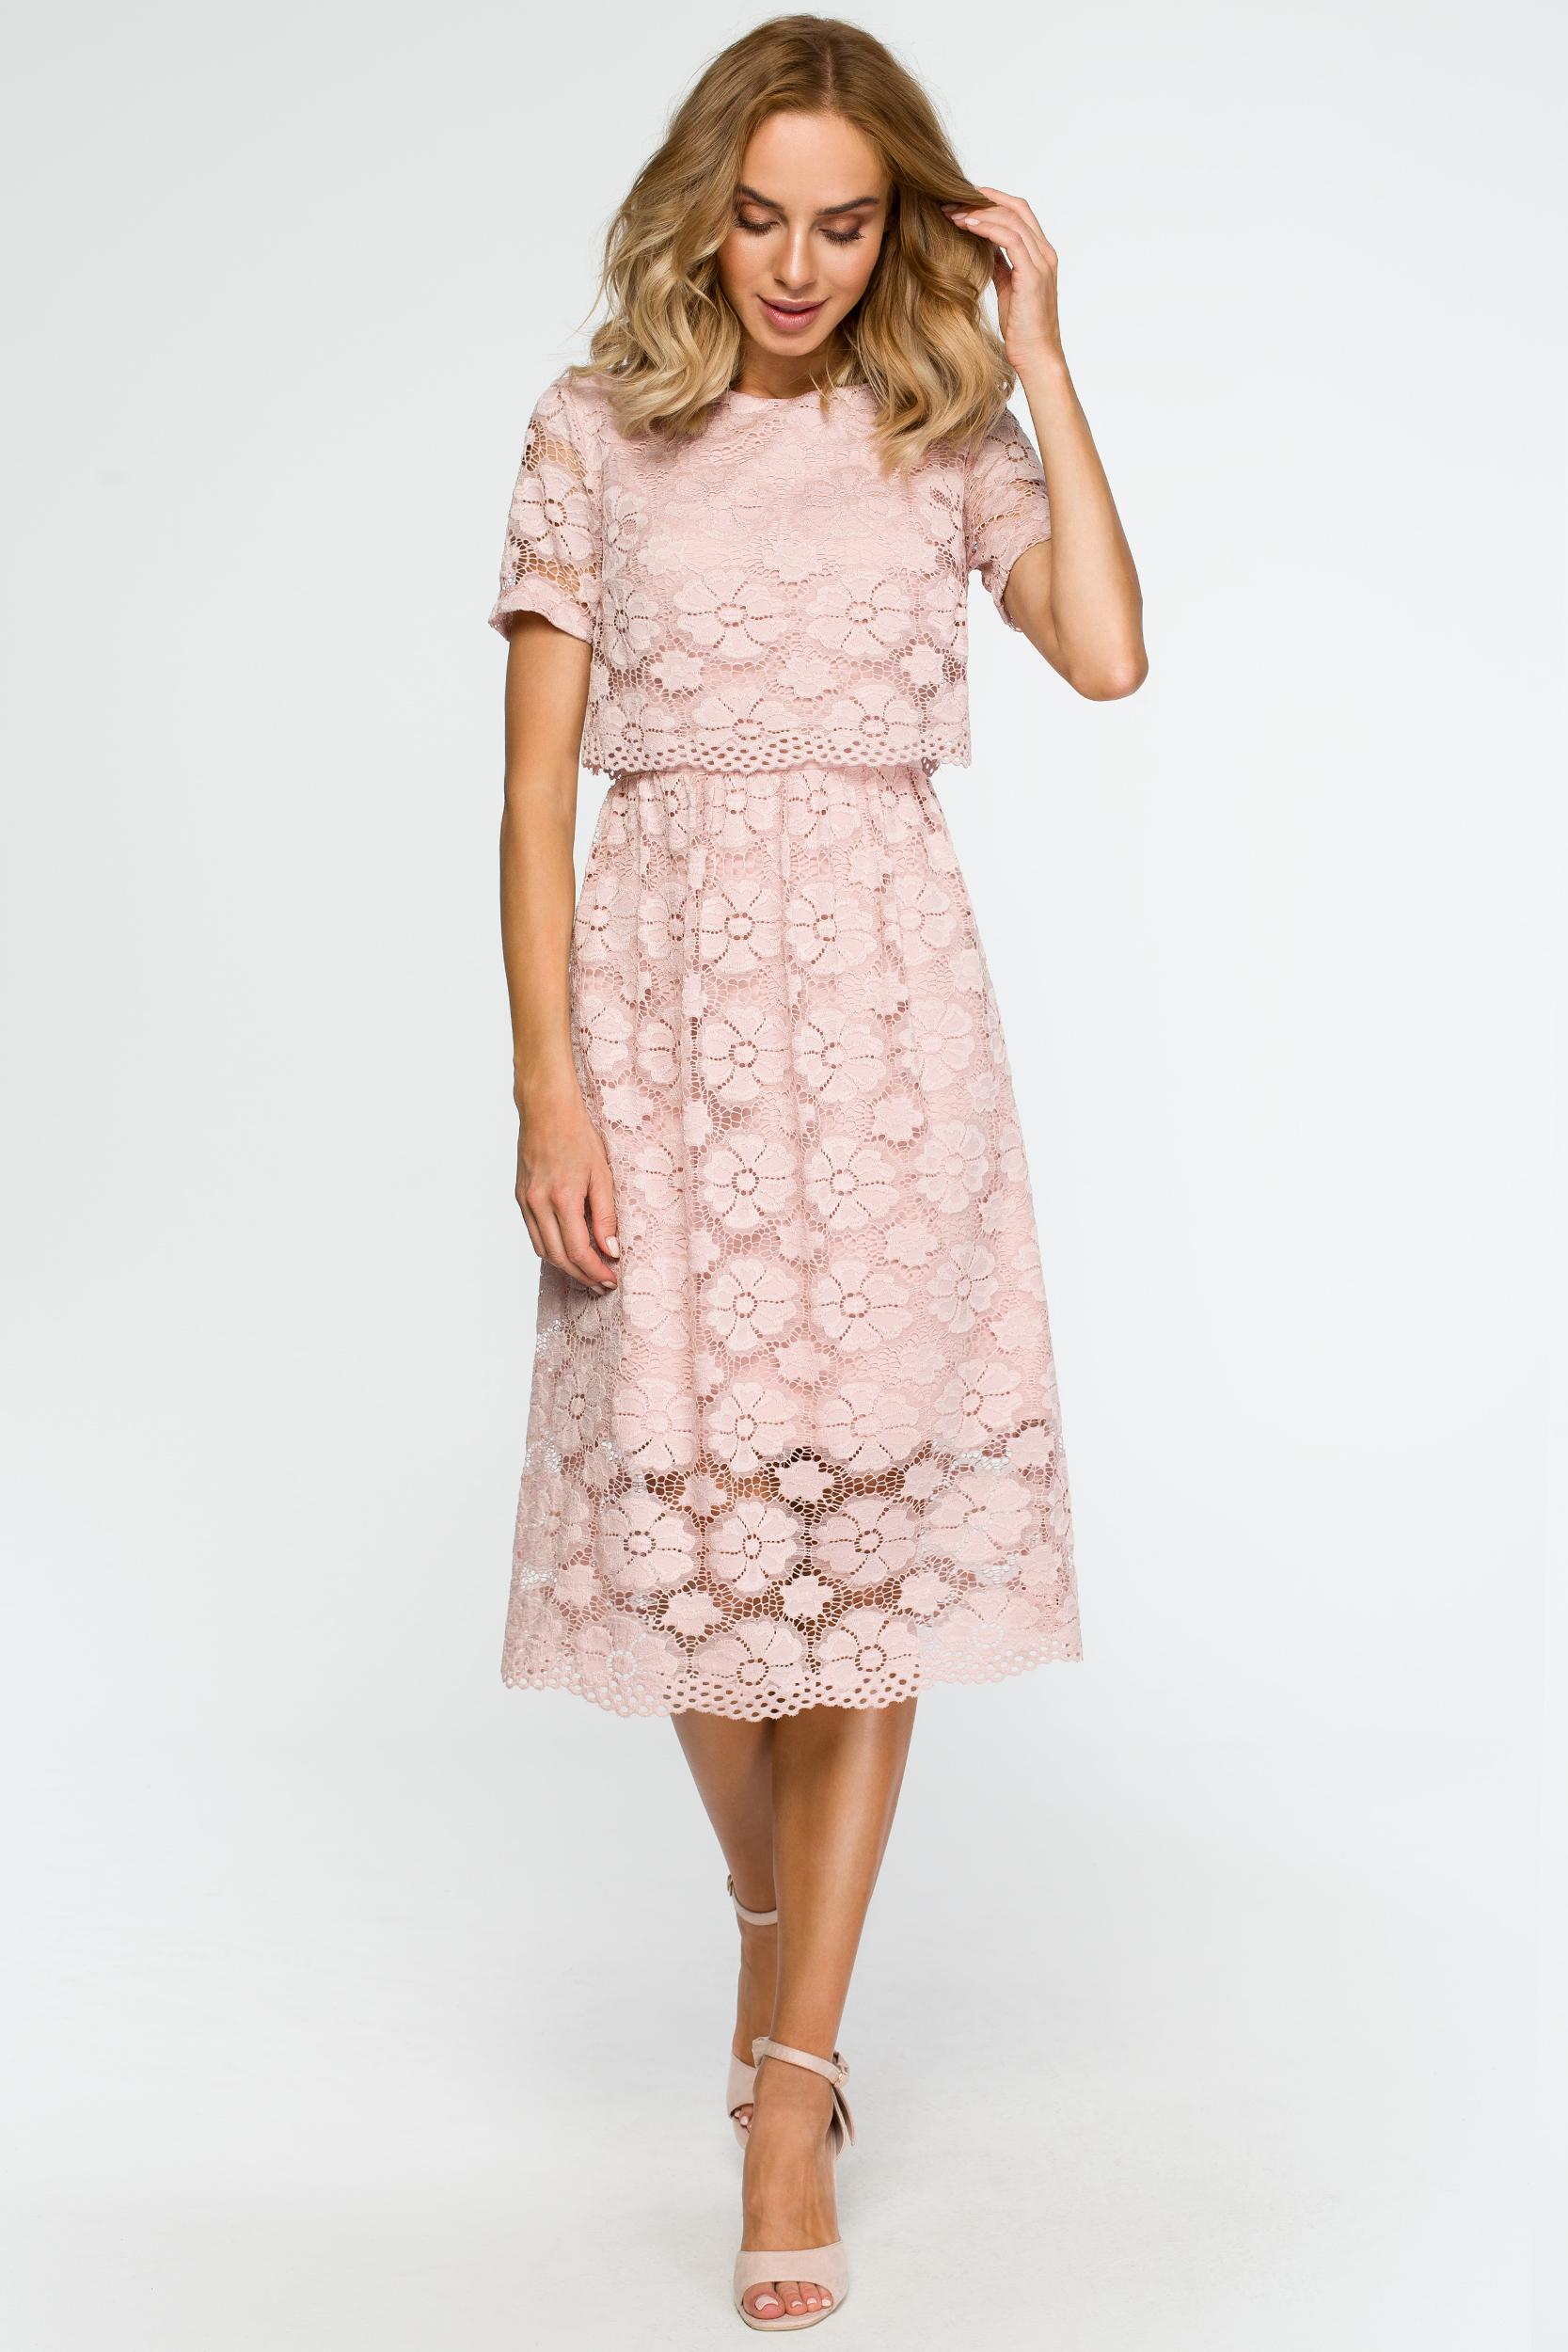 4141645df0 Koronkowa elegancka sukienka midi pudrowy róż - wysyłka już od 5